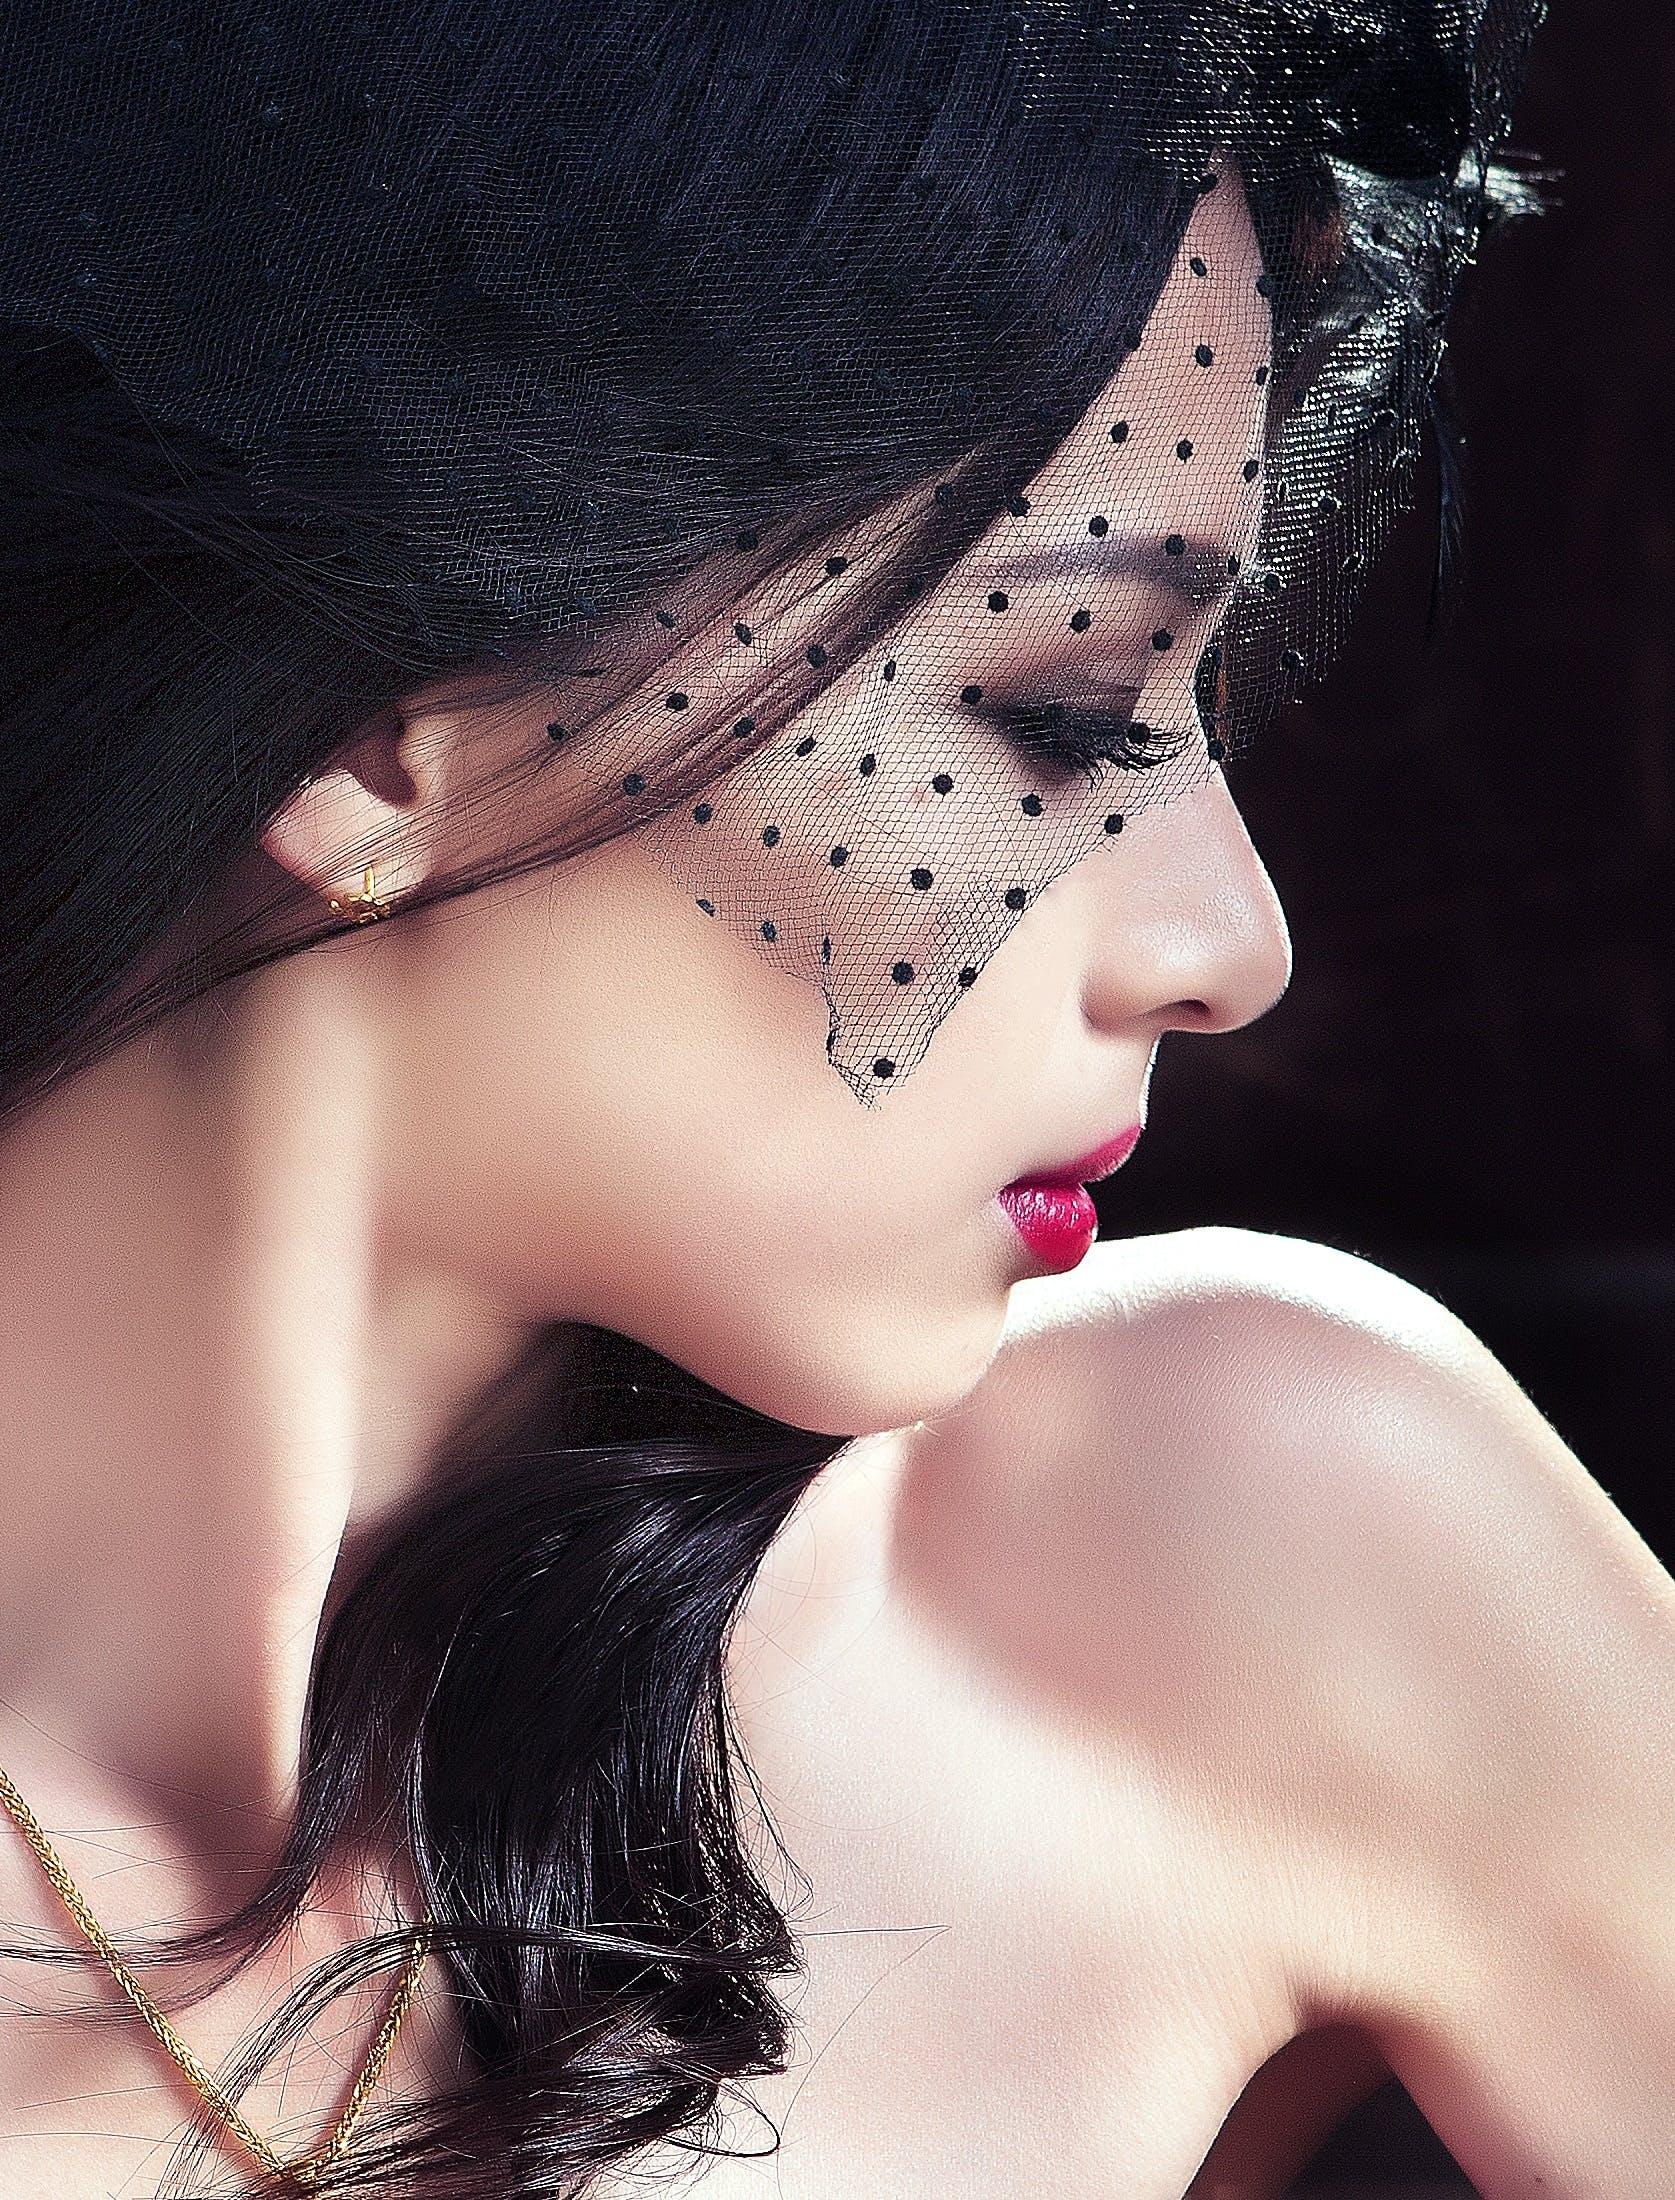 Woman in Black Veil